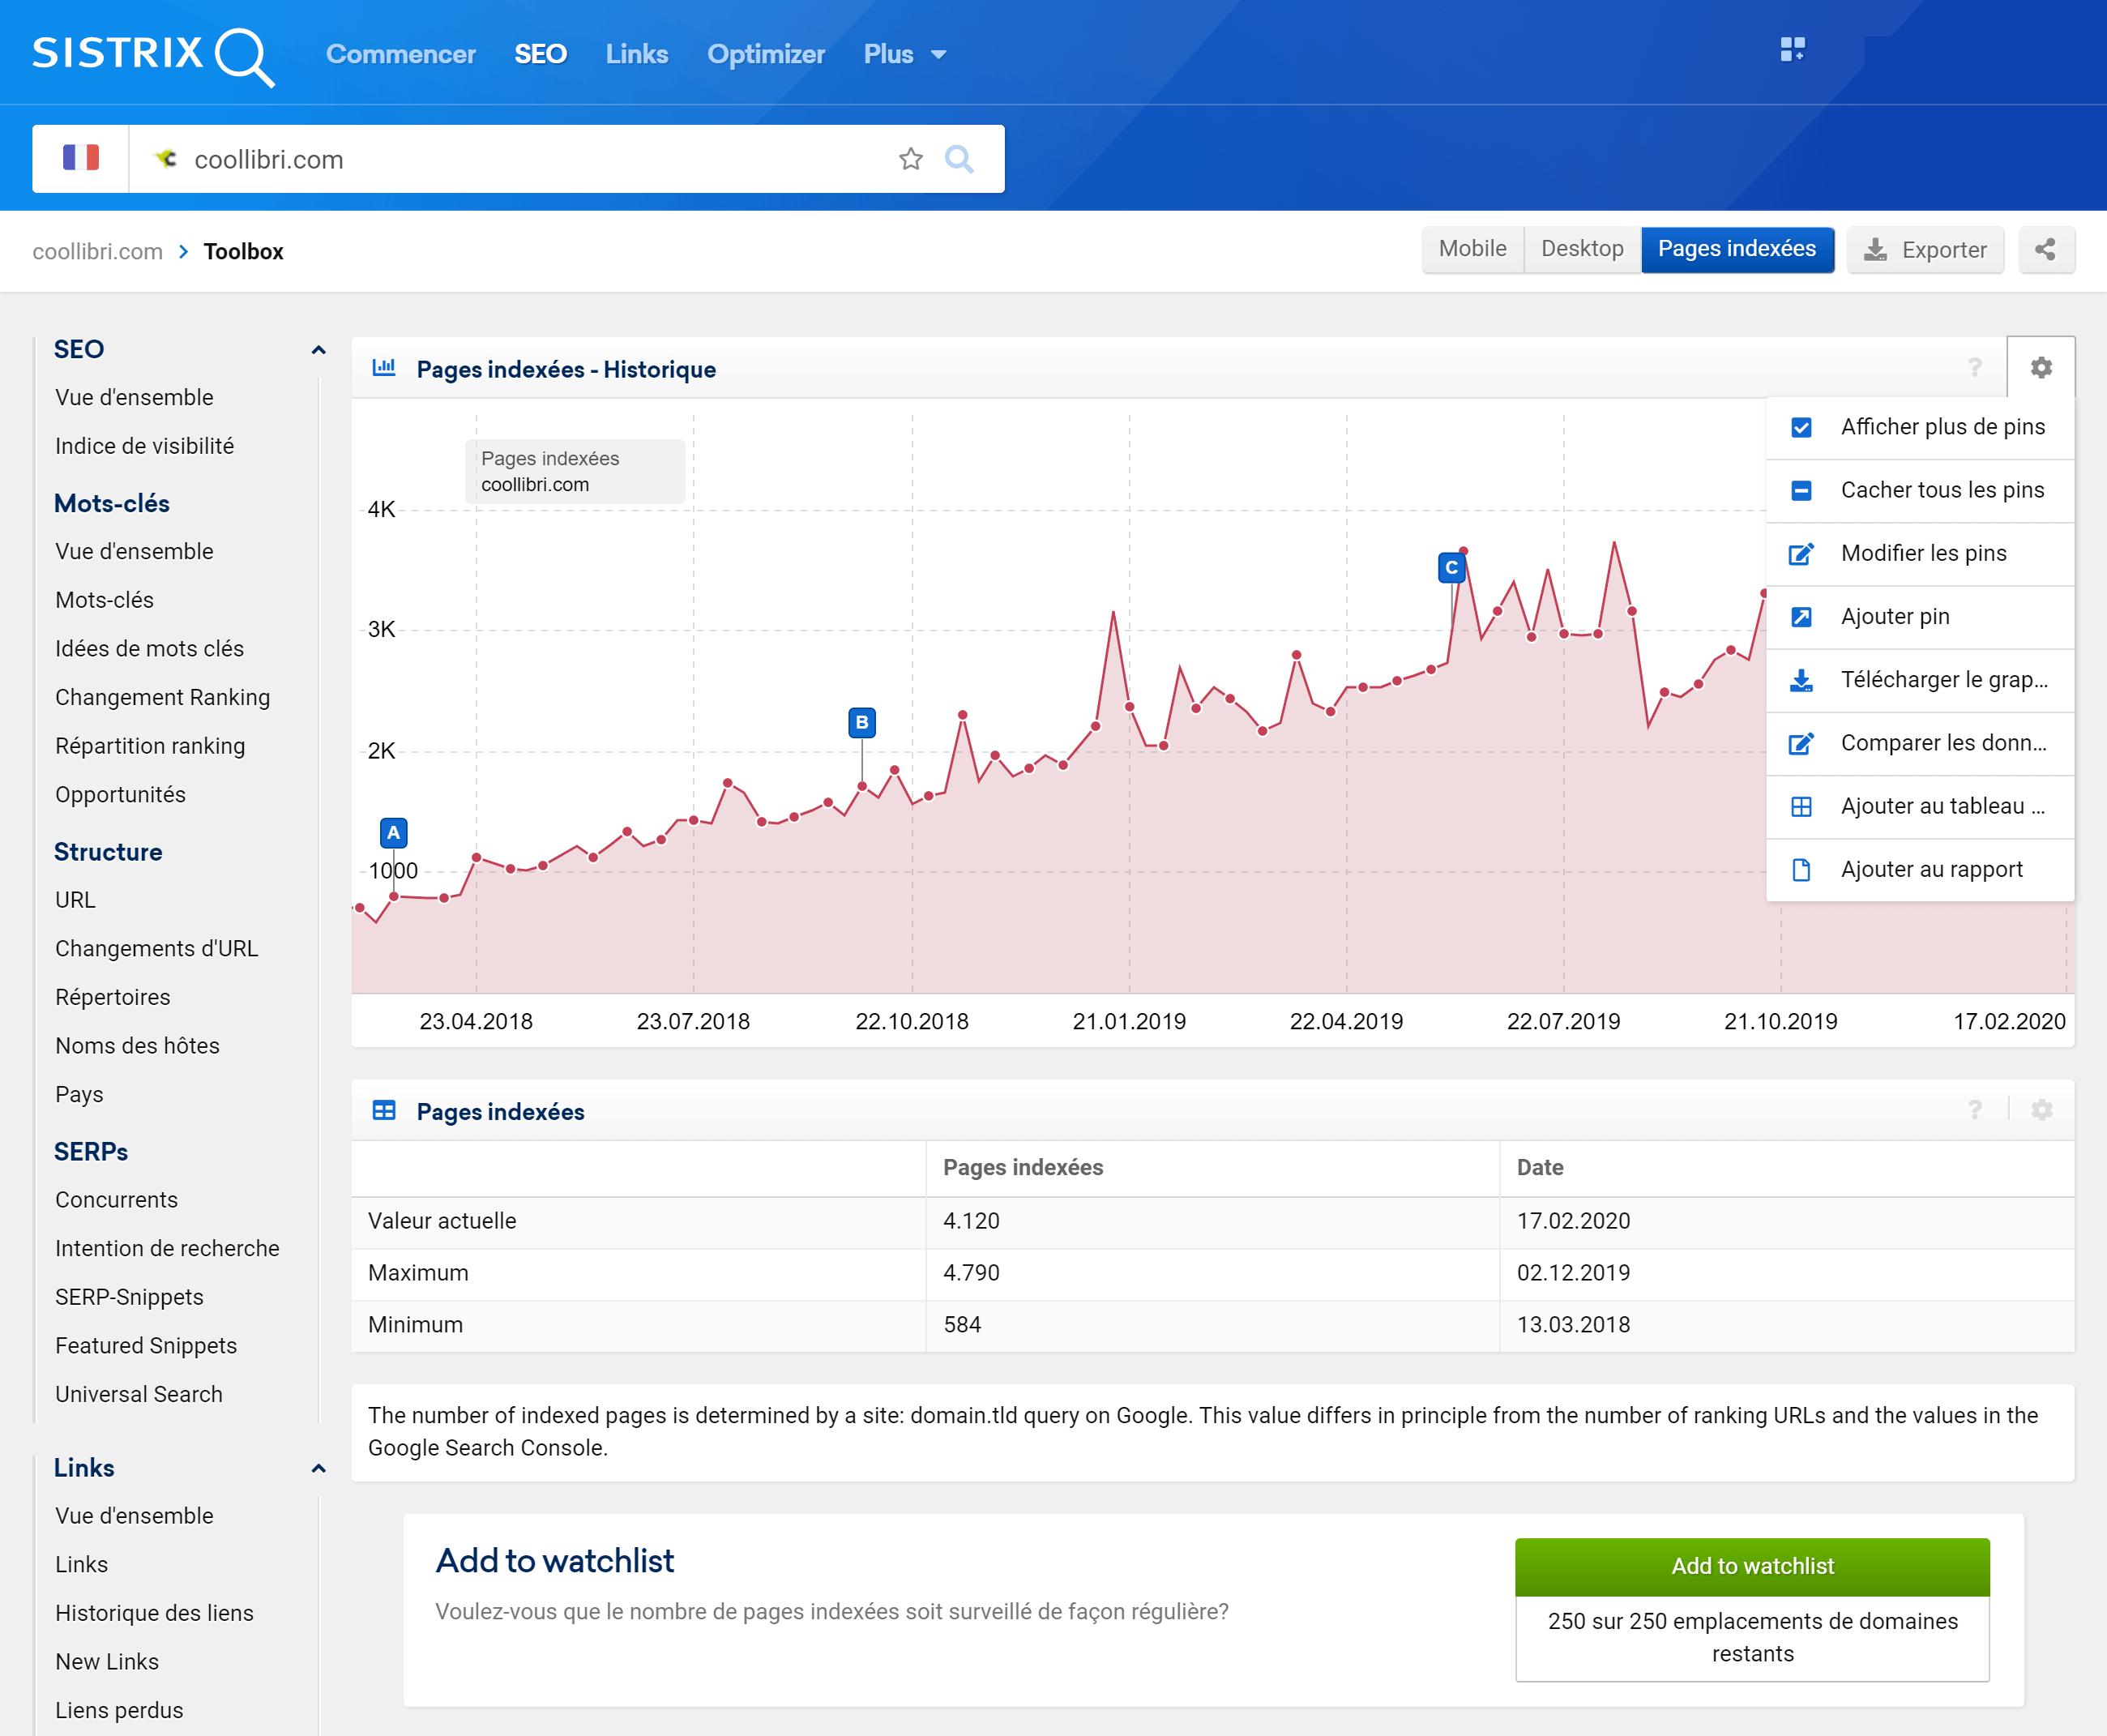 Nombre de pages indexées pour coollibri.com